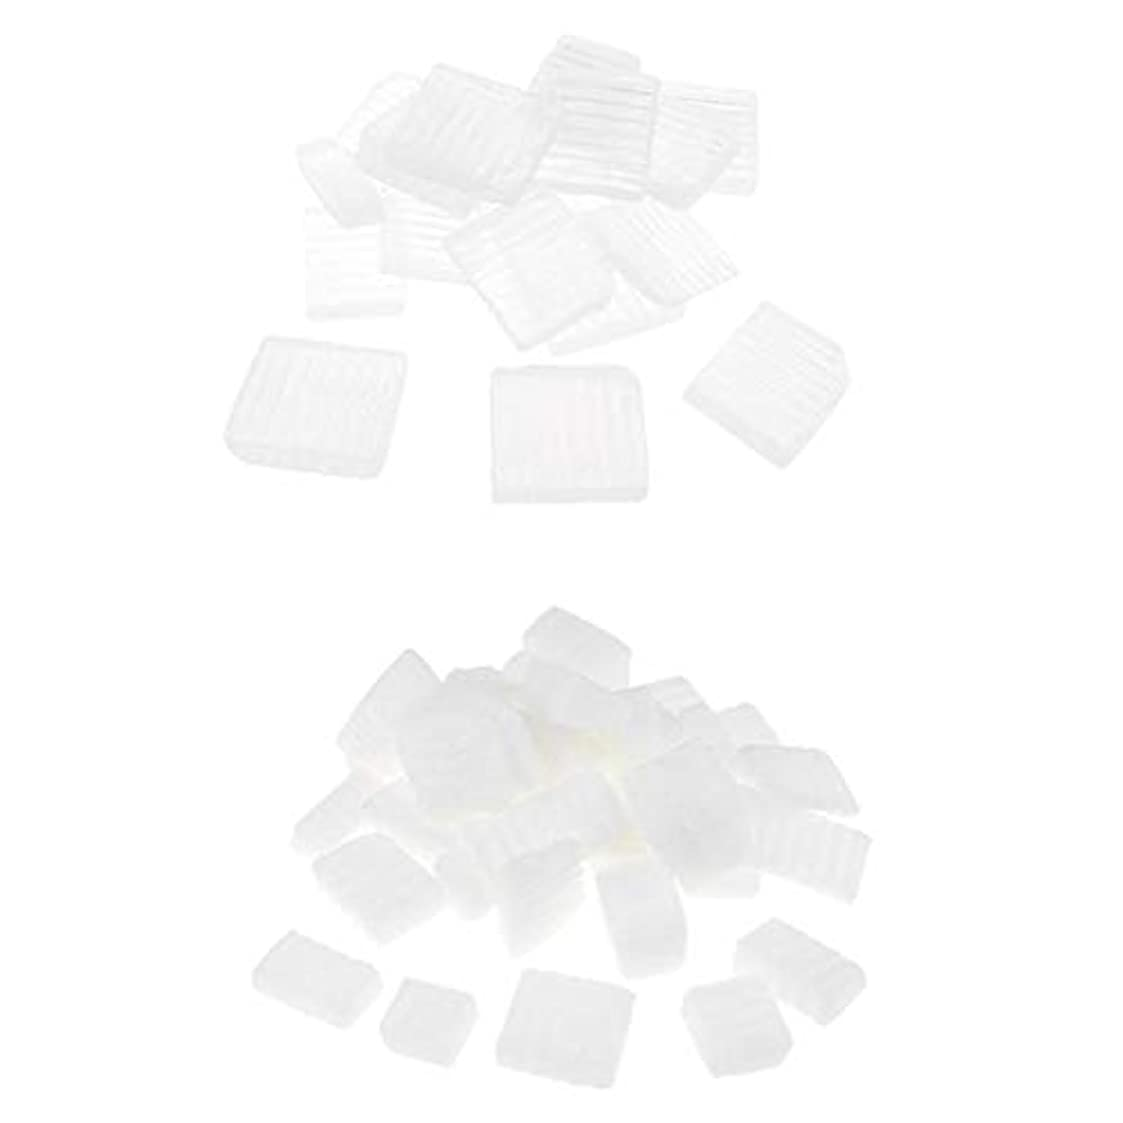 未亡人思慮のないミシンBaoblaze 固形せっけん 2KG 2種 ホワイト 透明 DIYハンドメイド ソープ原料 石鹸製造 古典的